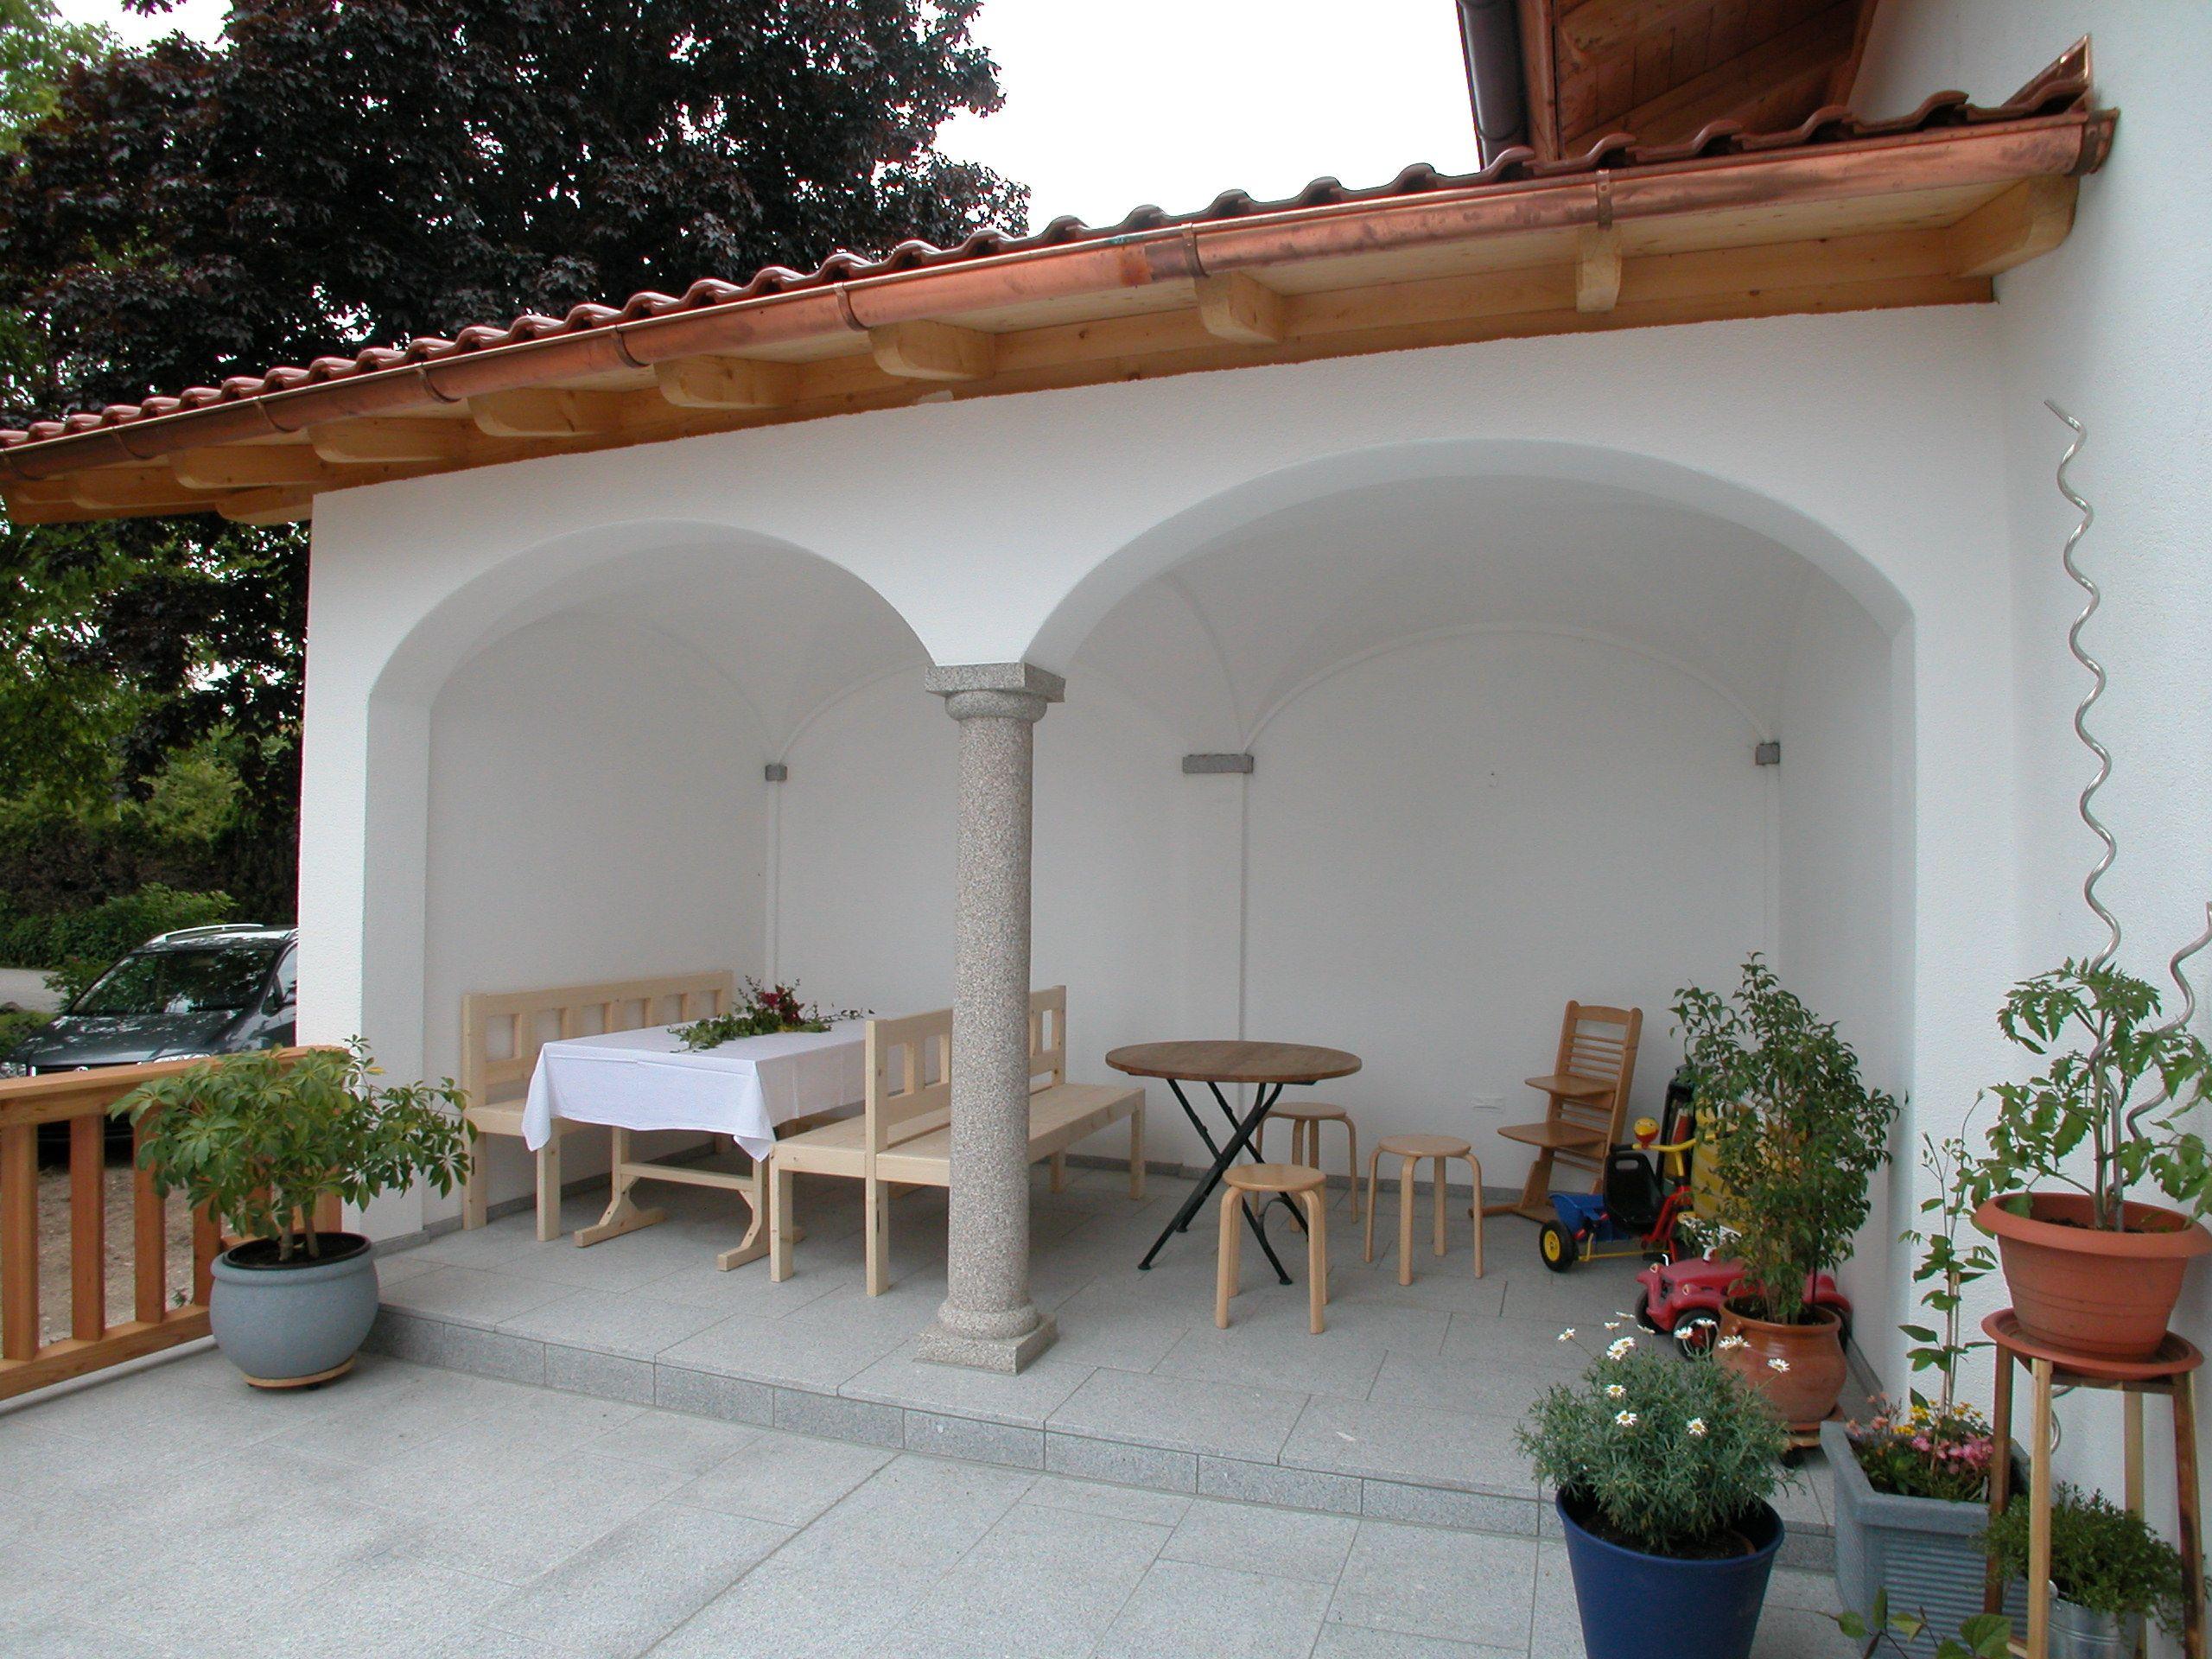 Weinkeller gewölbe bauen  Gewölbe Anbau Loggia mit Beton-Fertigteilen | Gewölbe bauen/planen ...